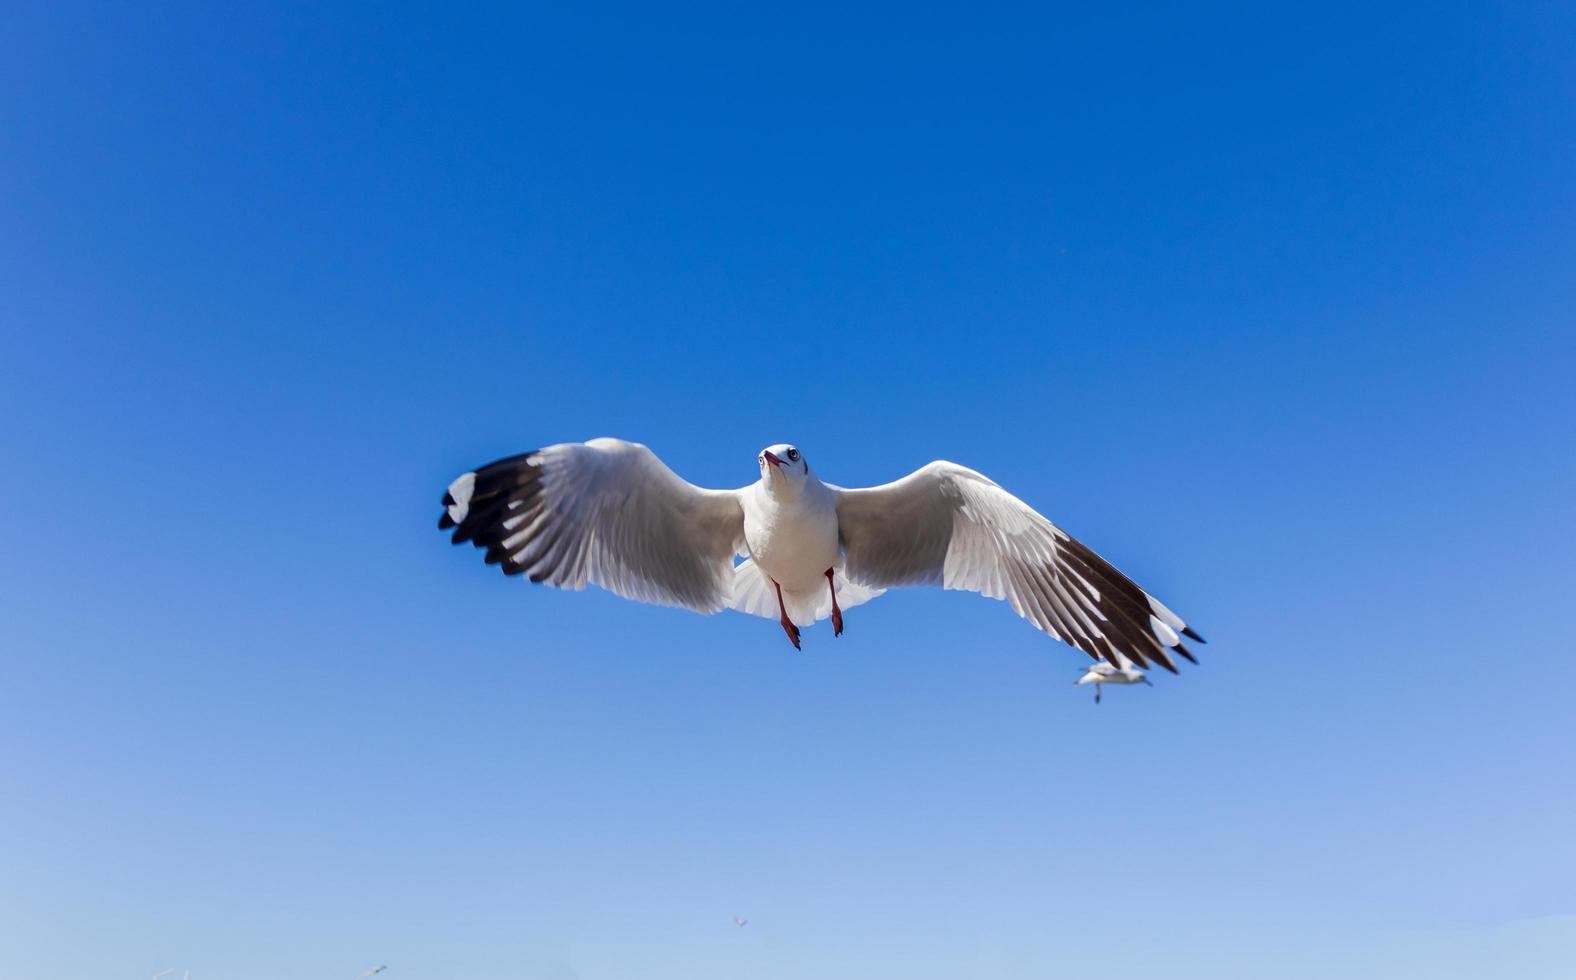 mouettes volant dans le ciel bleu photo